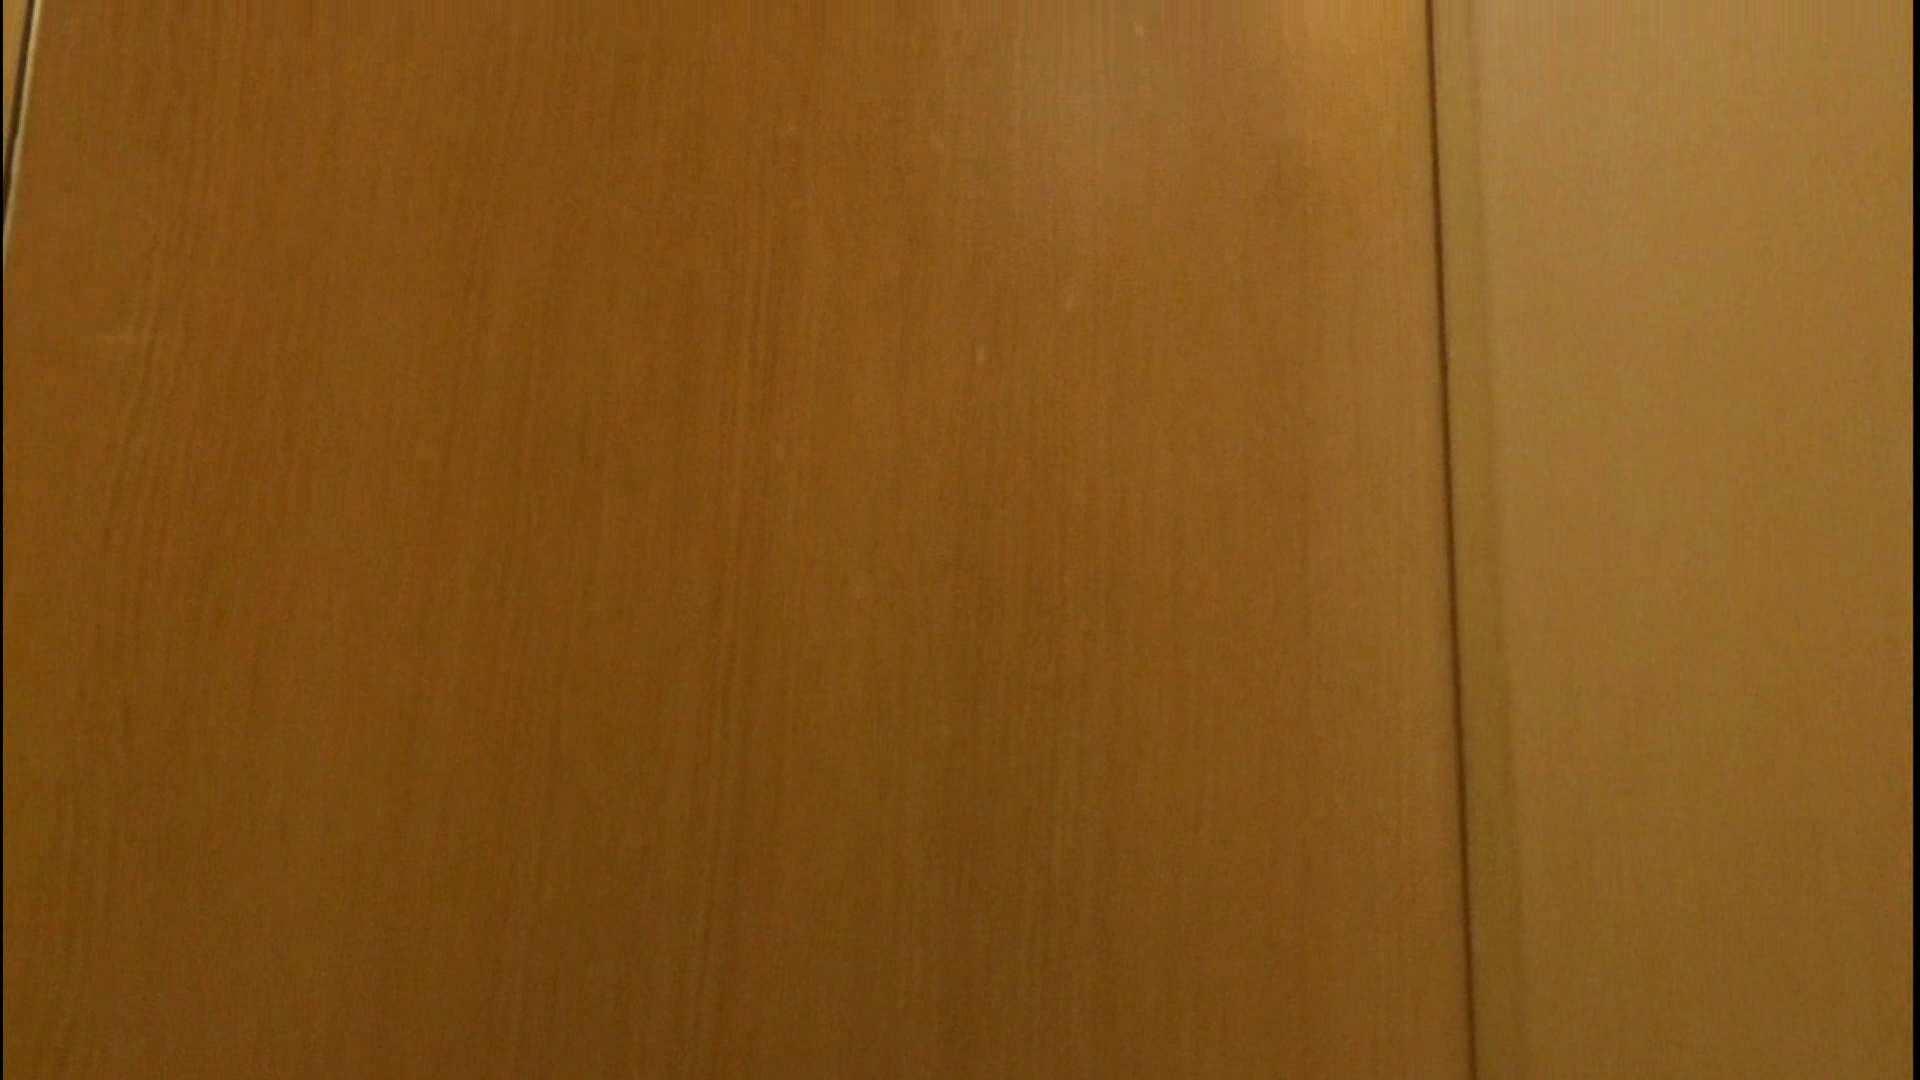 隣国化粧室下から御免!! No.13 美女ハメ撮り  64Pix 6